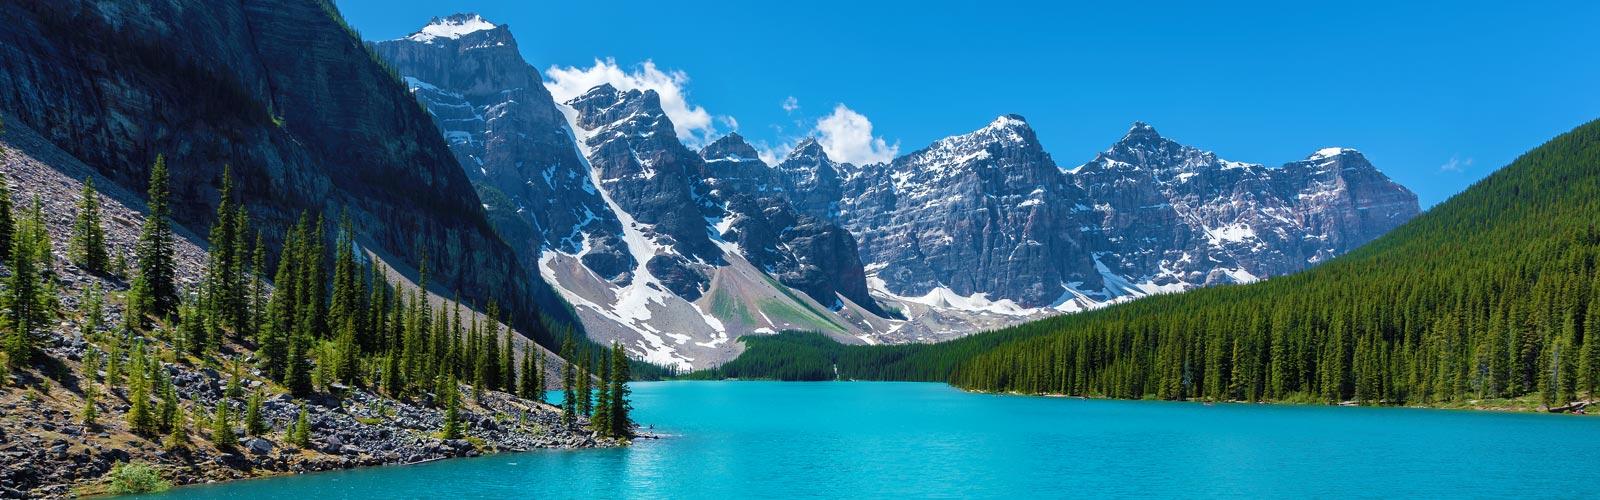 Viaje a Canadá. Ago. 2020